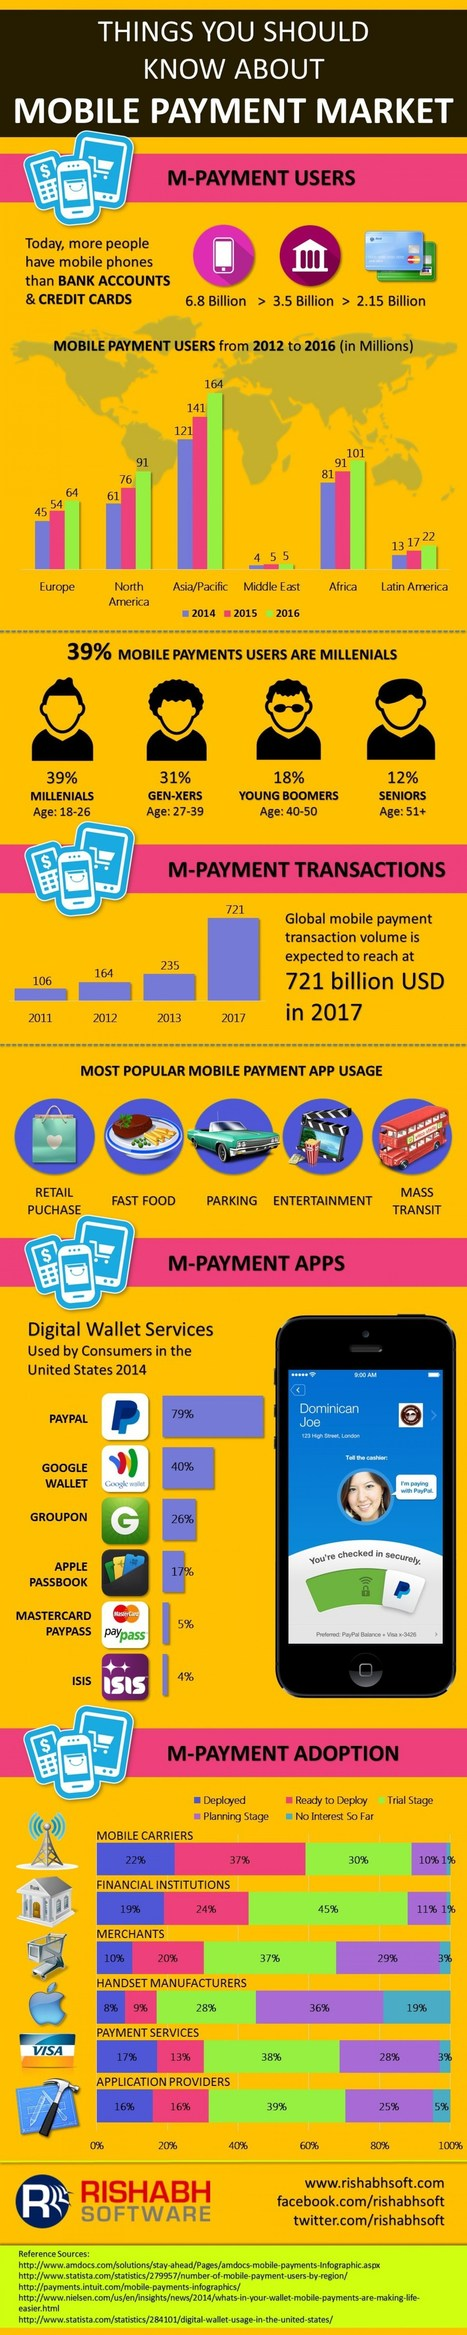 7 choses à savoir à propos du paiement mobile | Tailored Telling for Retail | Scoop.it